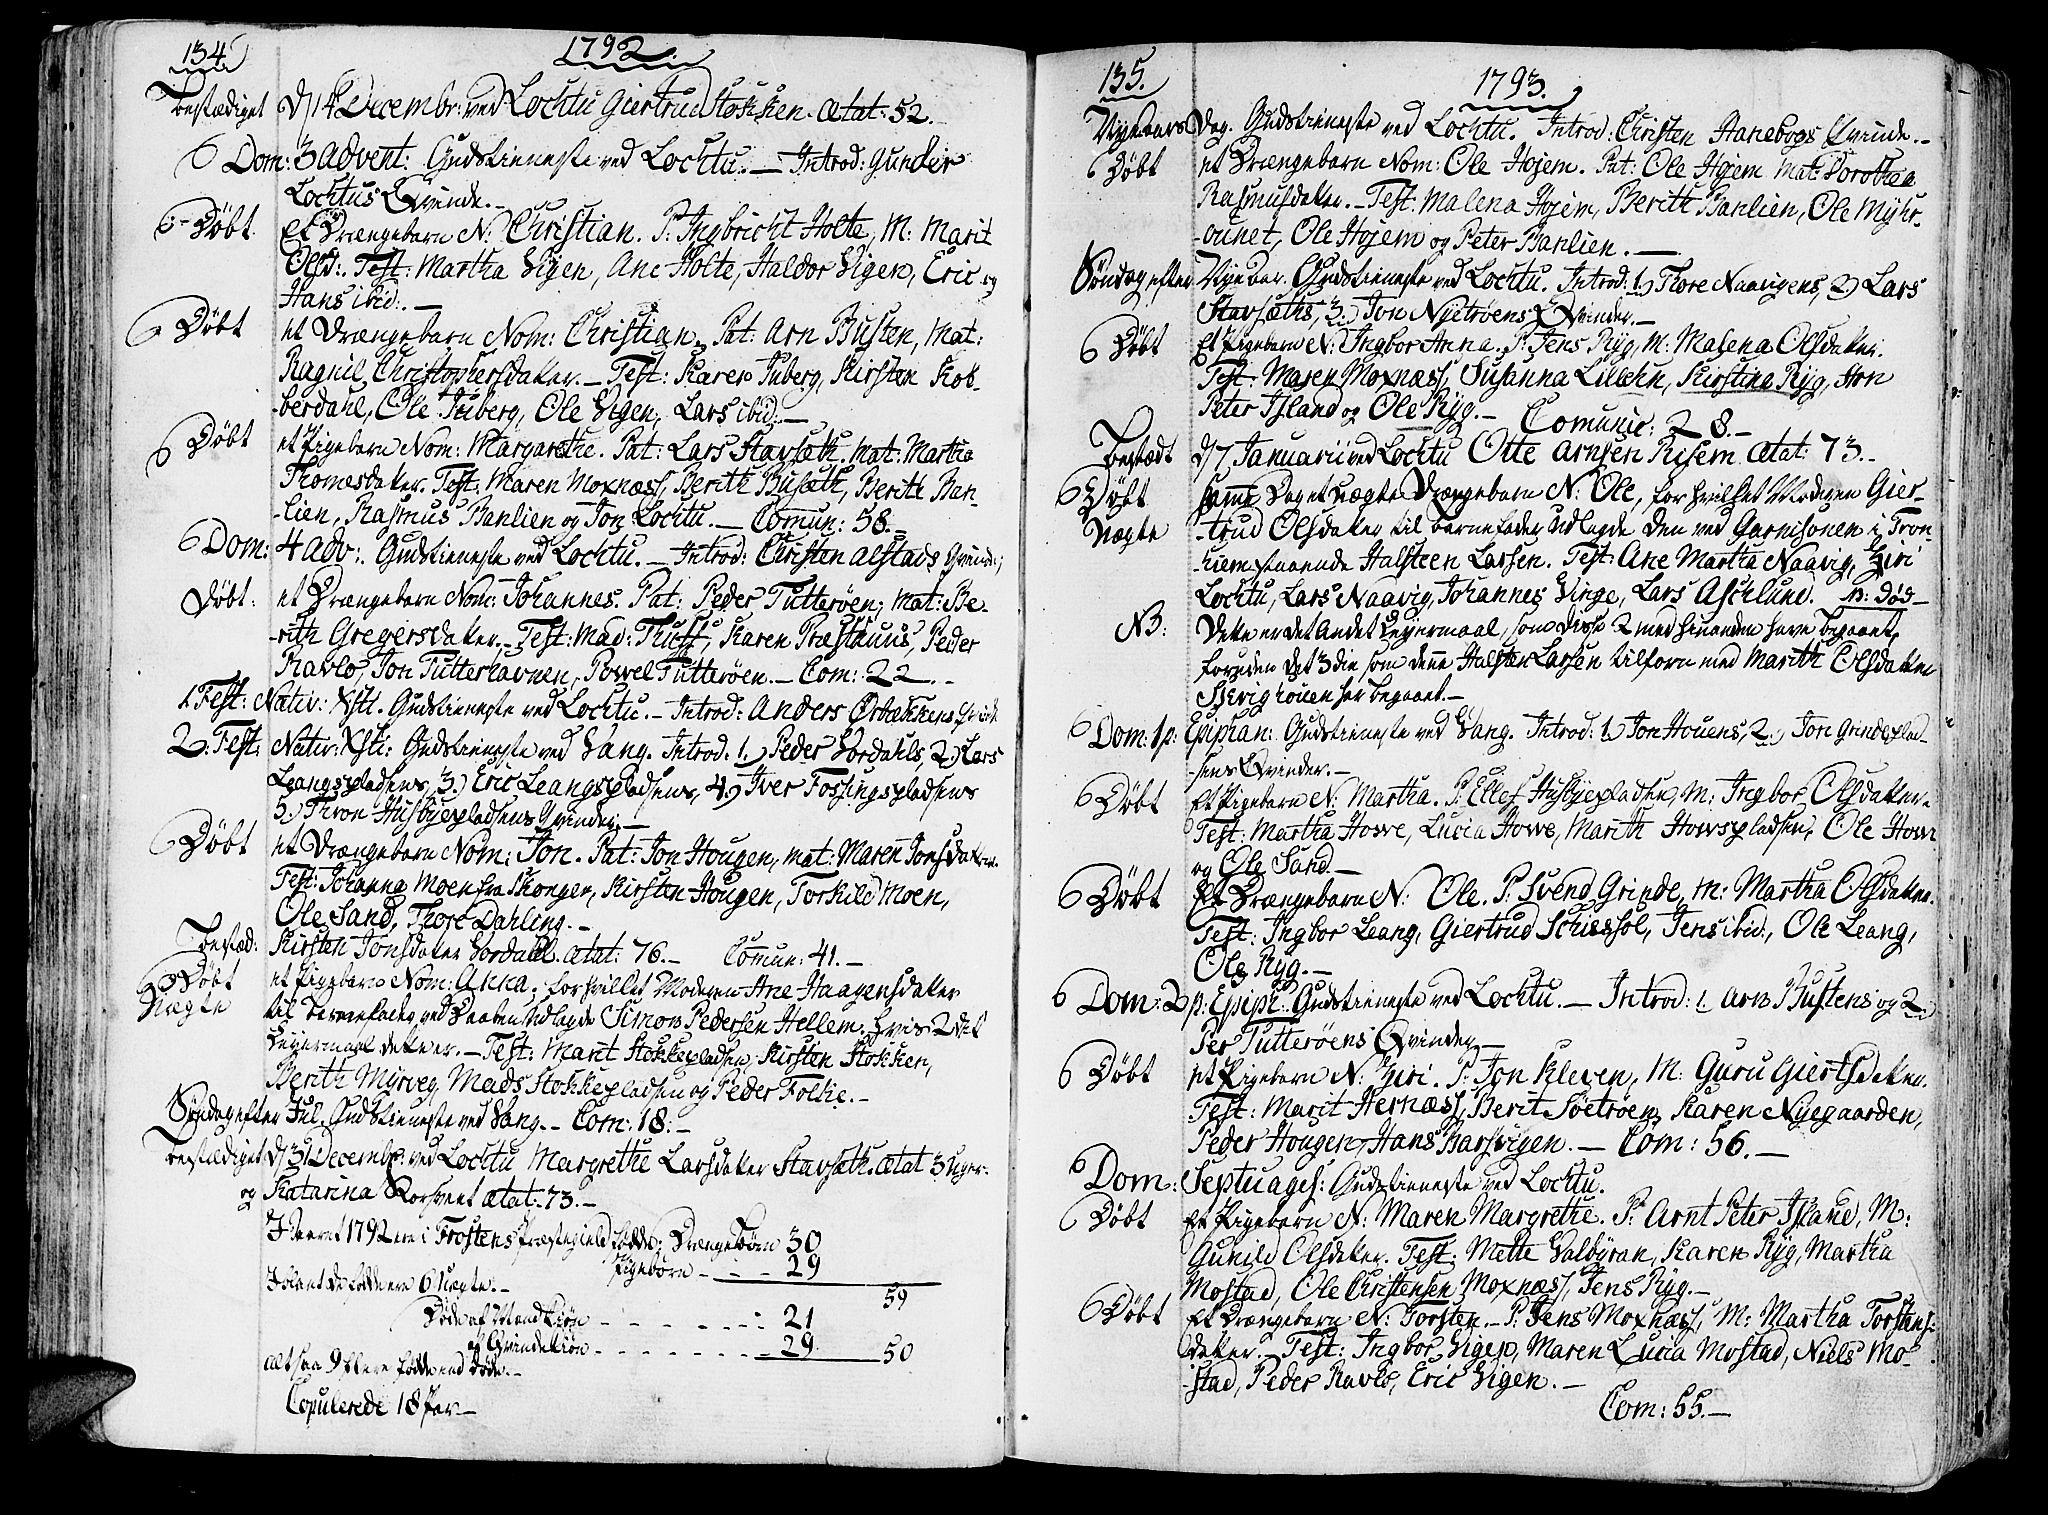 SAT, Ministerialprotokoller, klokkerbøker og fødselsregistre - Nord-Trøndelag, 713/L0110: Ministerialbok nr. 713A02, 1778-1811, s. 134-135